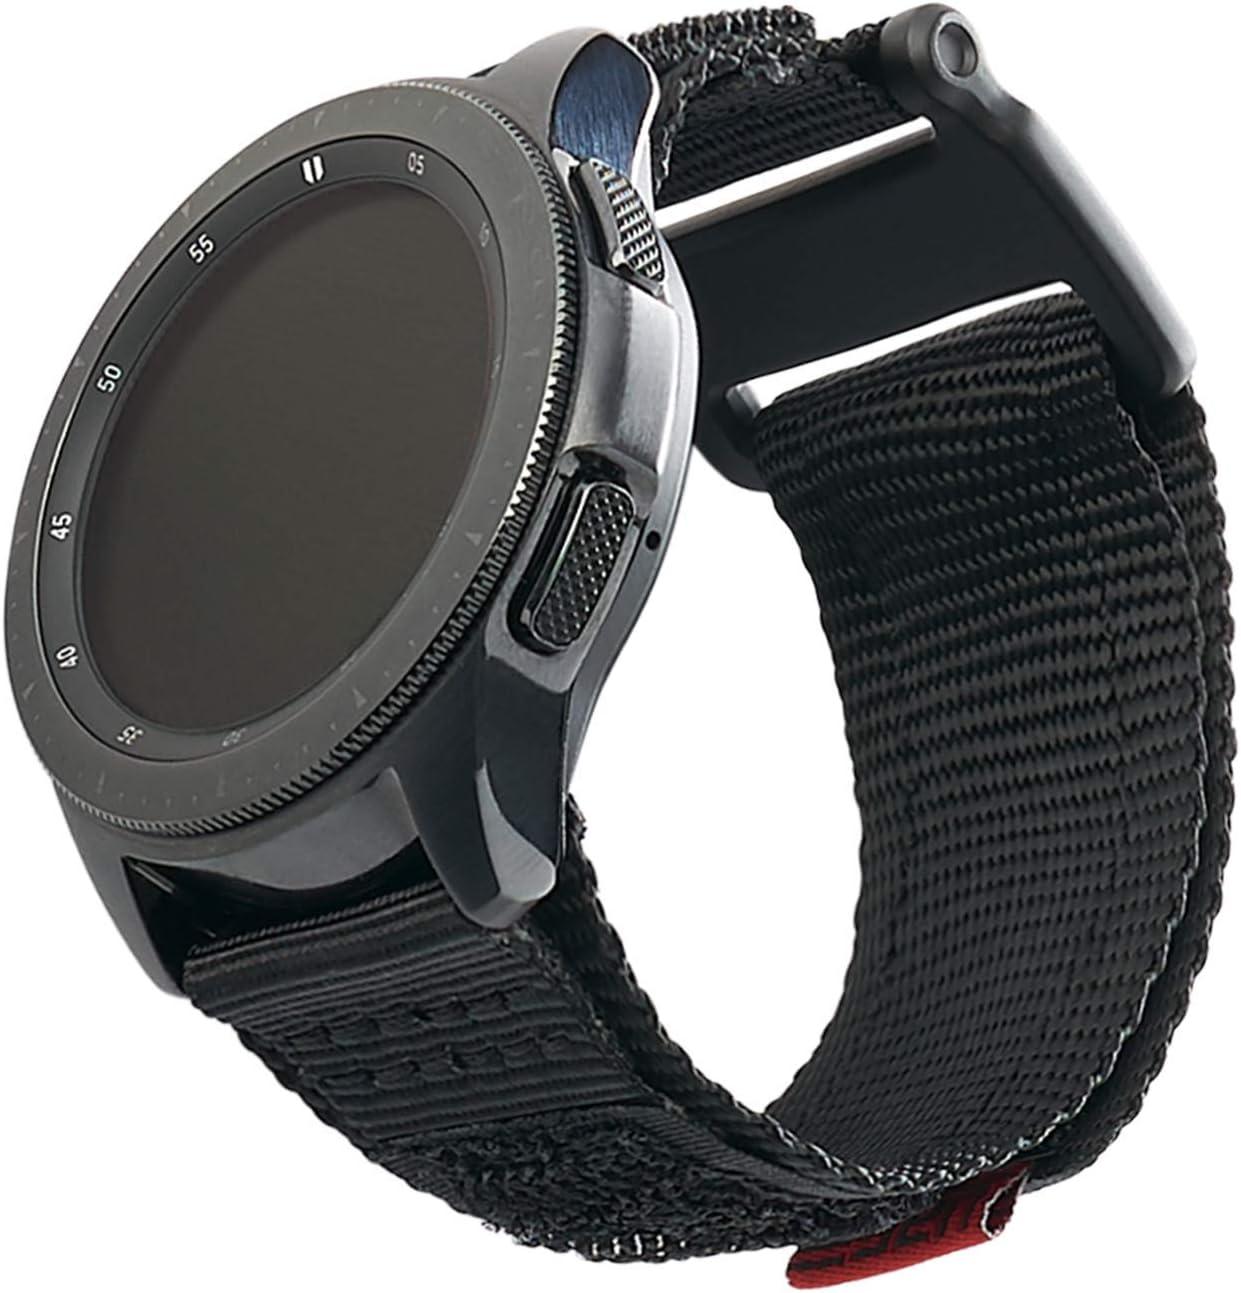 Urban Armor Gear Active Strap Correa Samsung Galaxy Watch3 41mm, Watch 42mm, Galaxy Watch Active 1 / 2 40mm, Gear Sport (Diseñado para Samsung Smartwatches, Correa reemplazable) - negro: Amazon.es: Electrónica